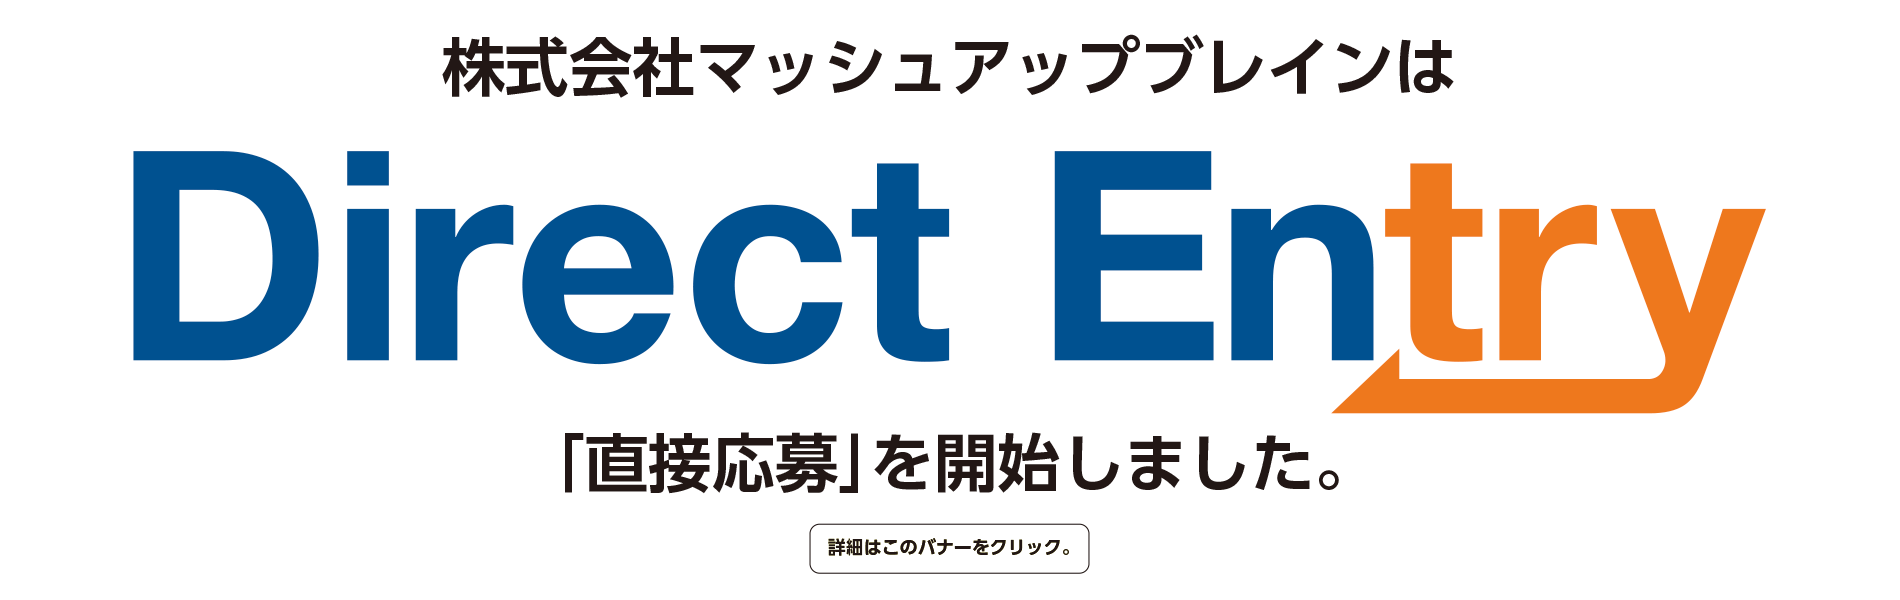 【スライダ】告知・株式会社マッシュアップブレインはDirect Entry「直接応募」を開始しました。詳細はこのバナーをクリック